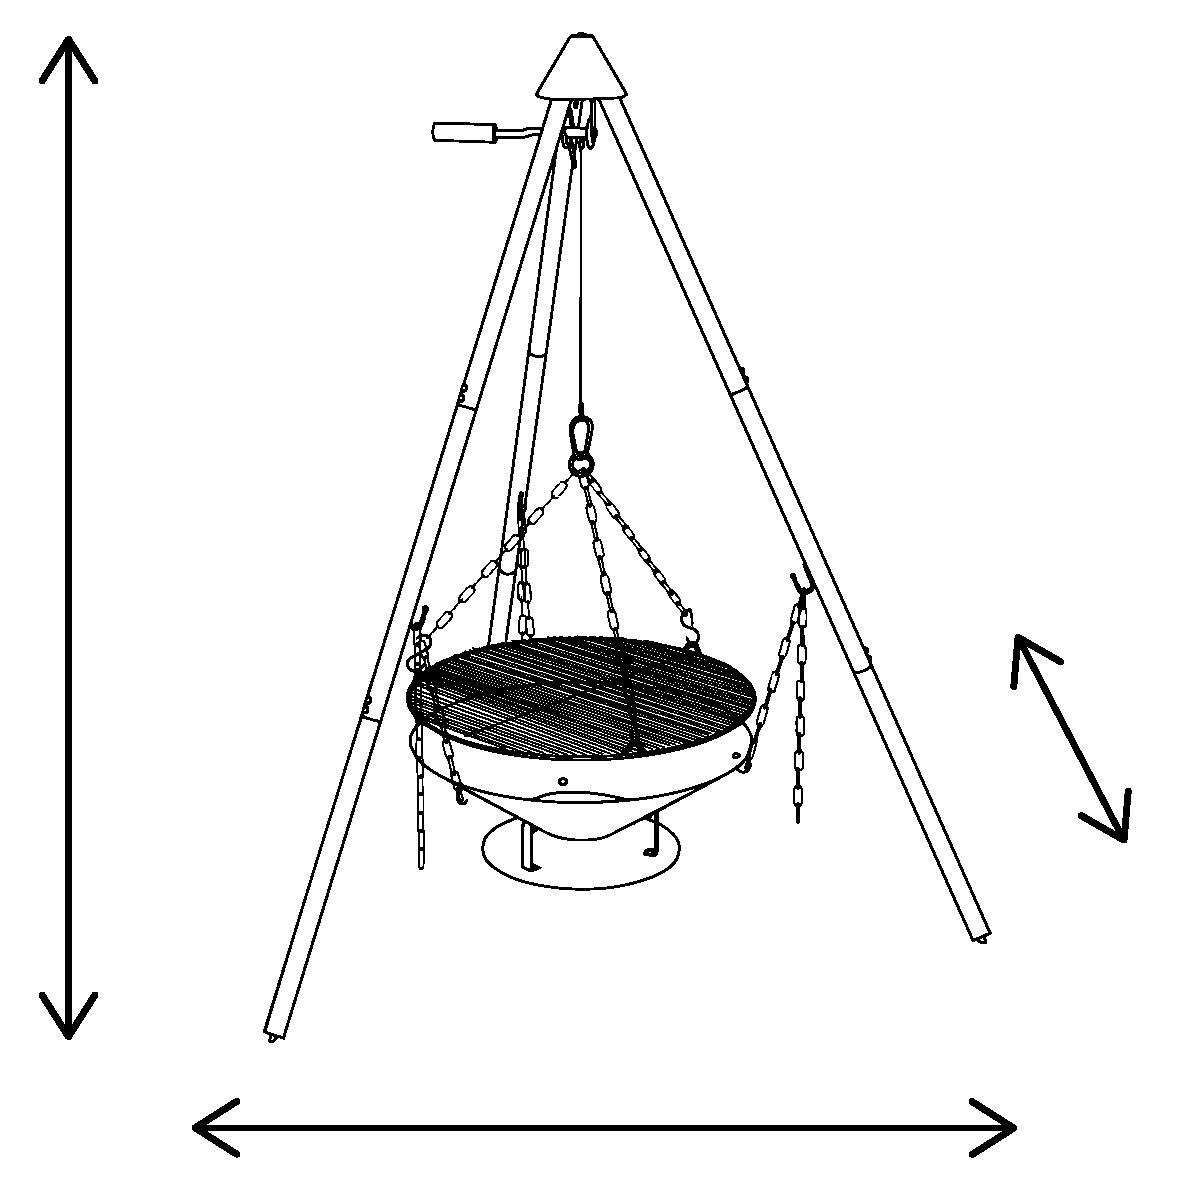 Abmessungen L x B x H